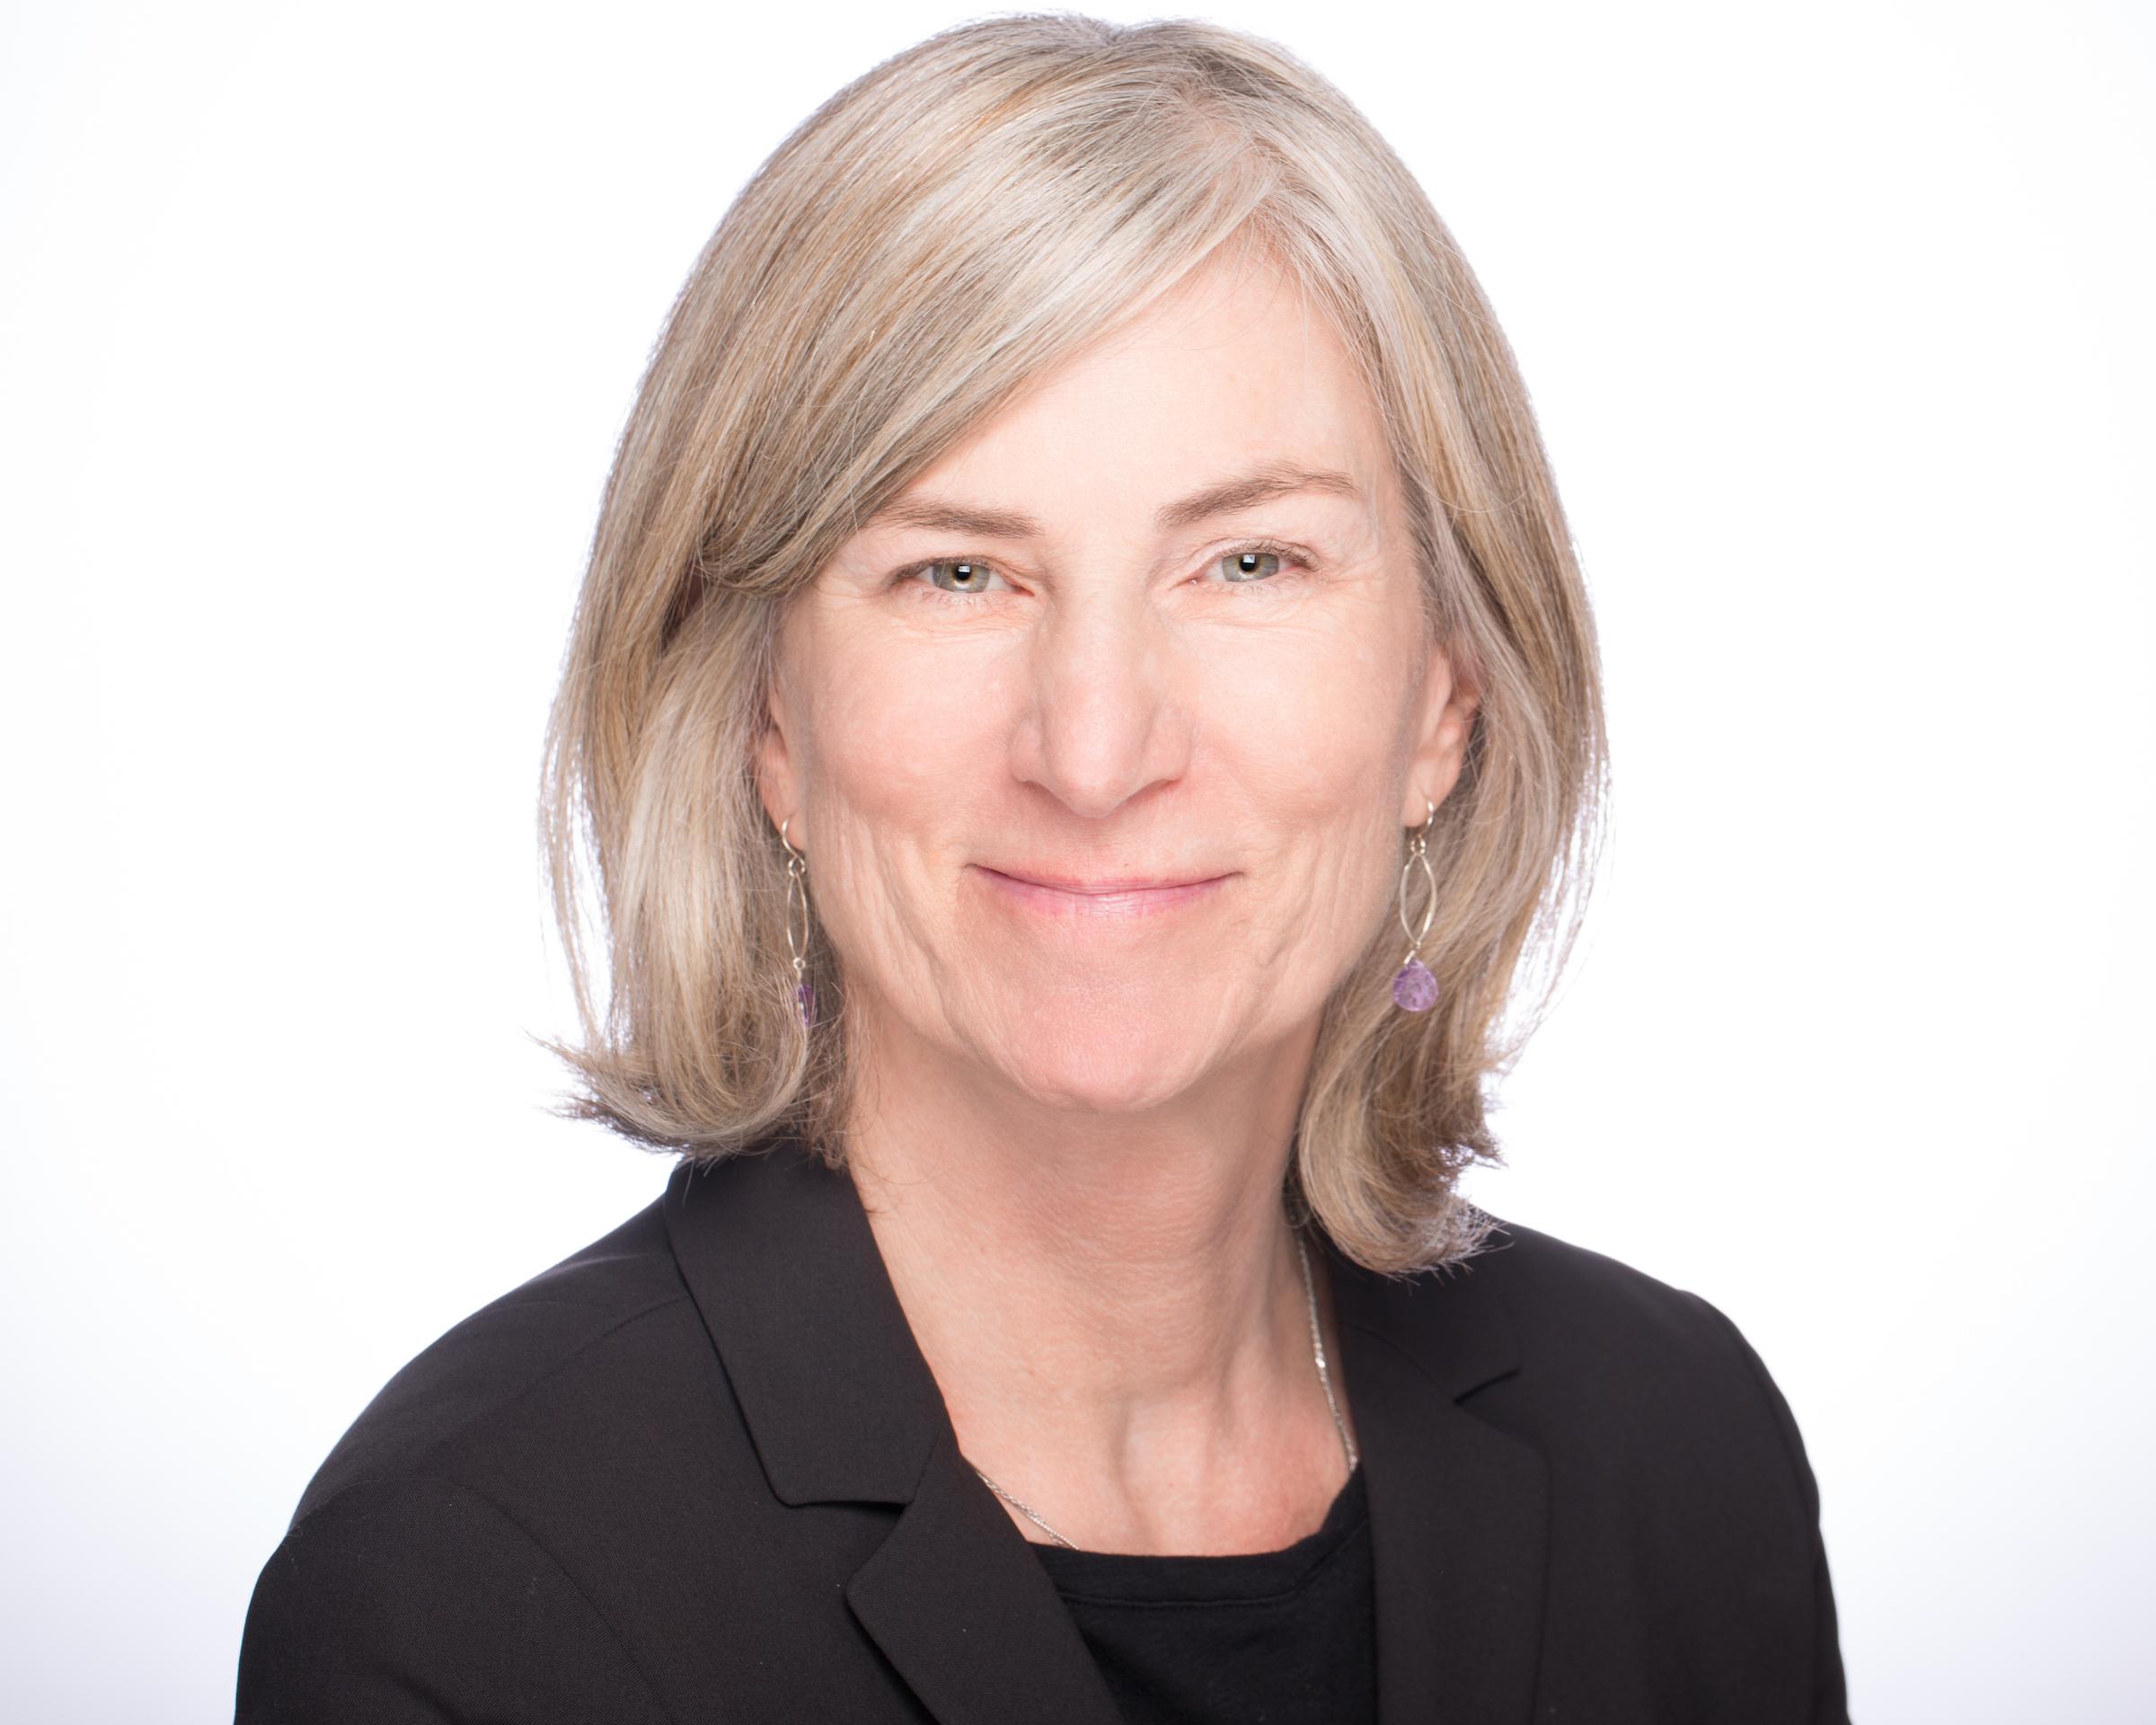 Susan Glendening